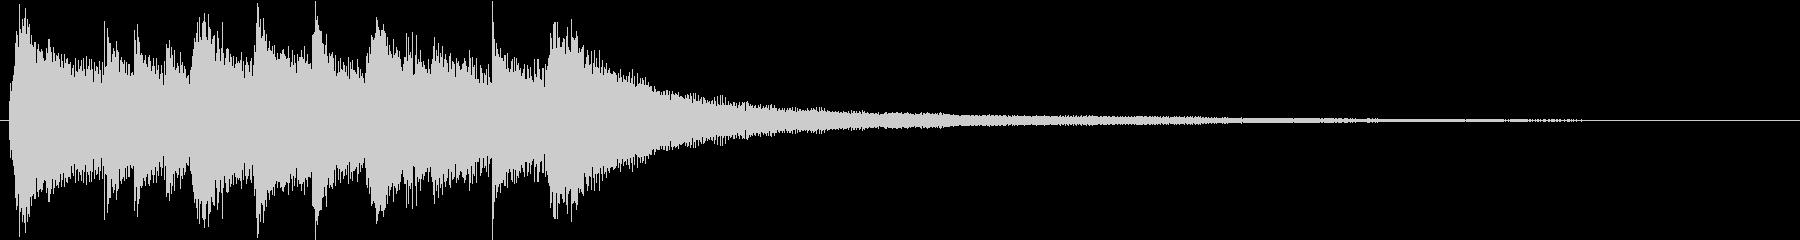 シンプルで明るいピアノのジングルA-01の未再生の波形